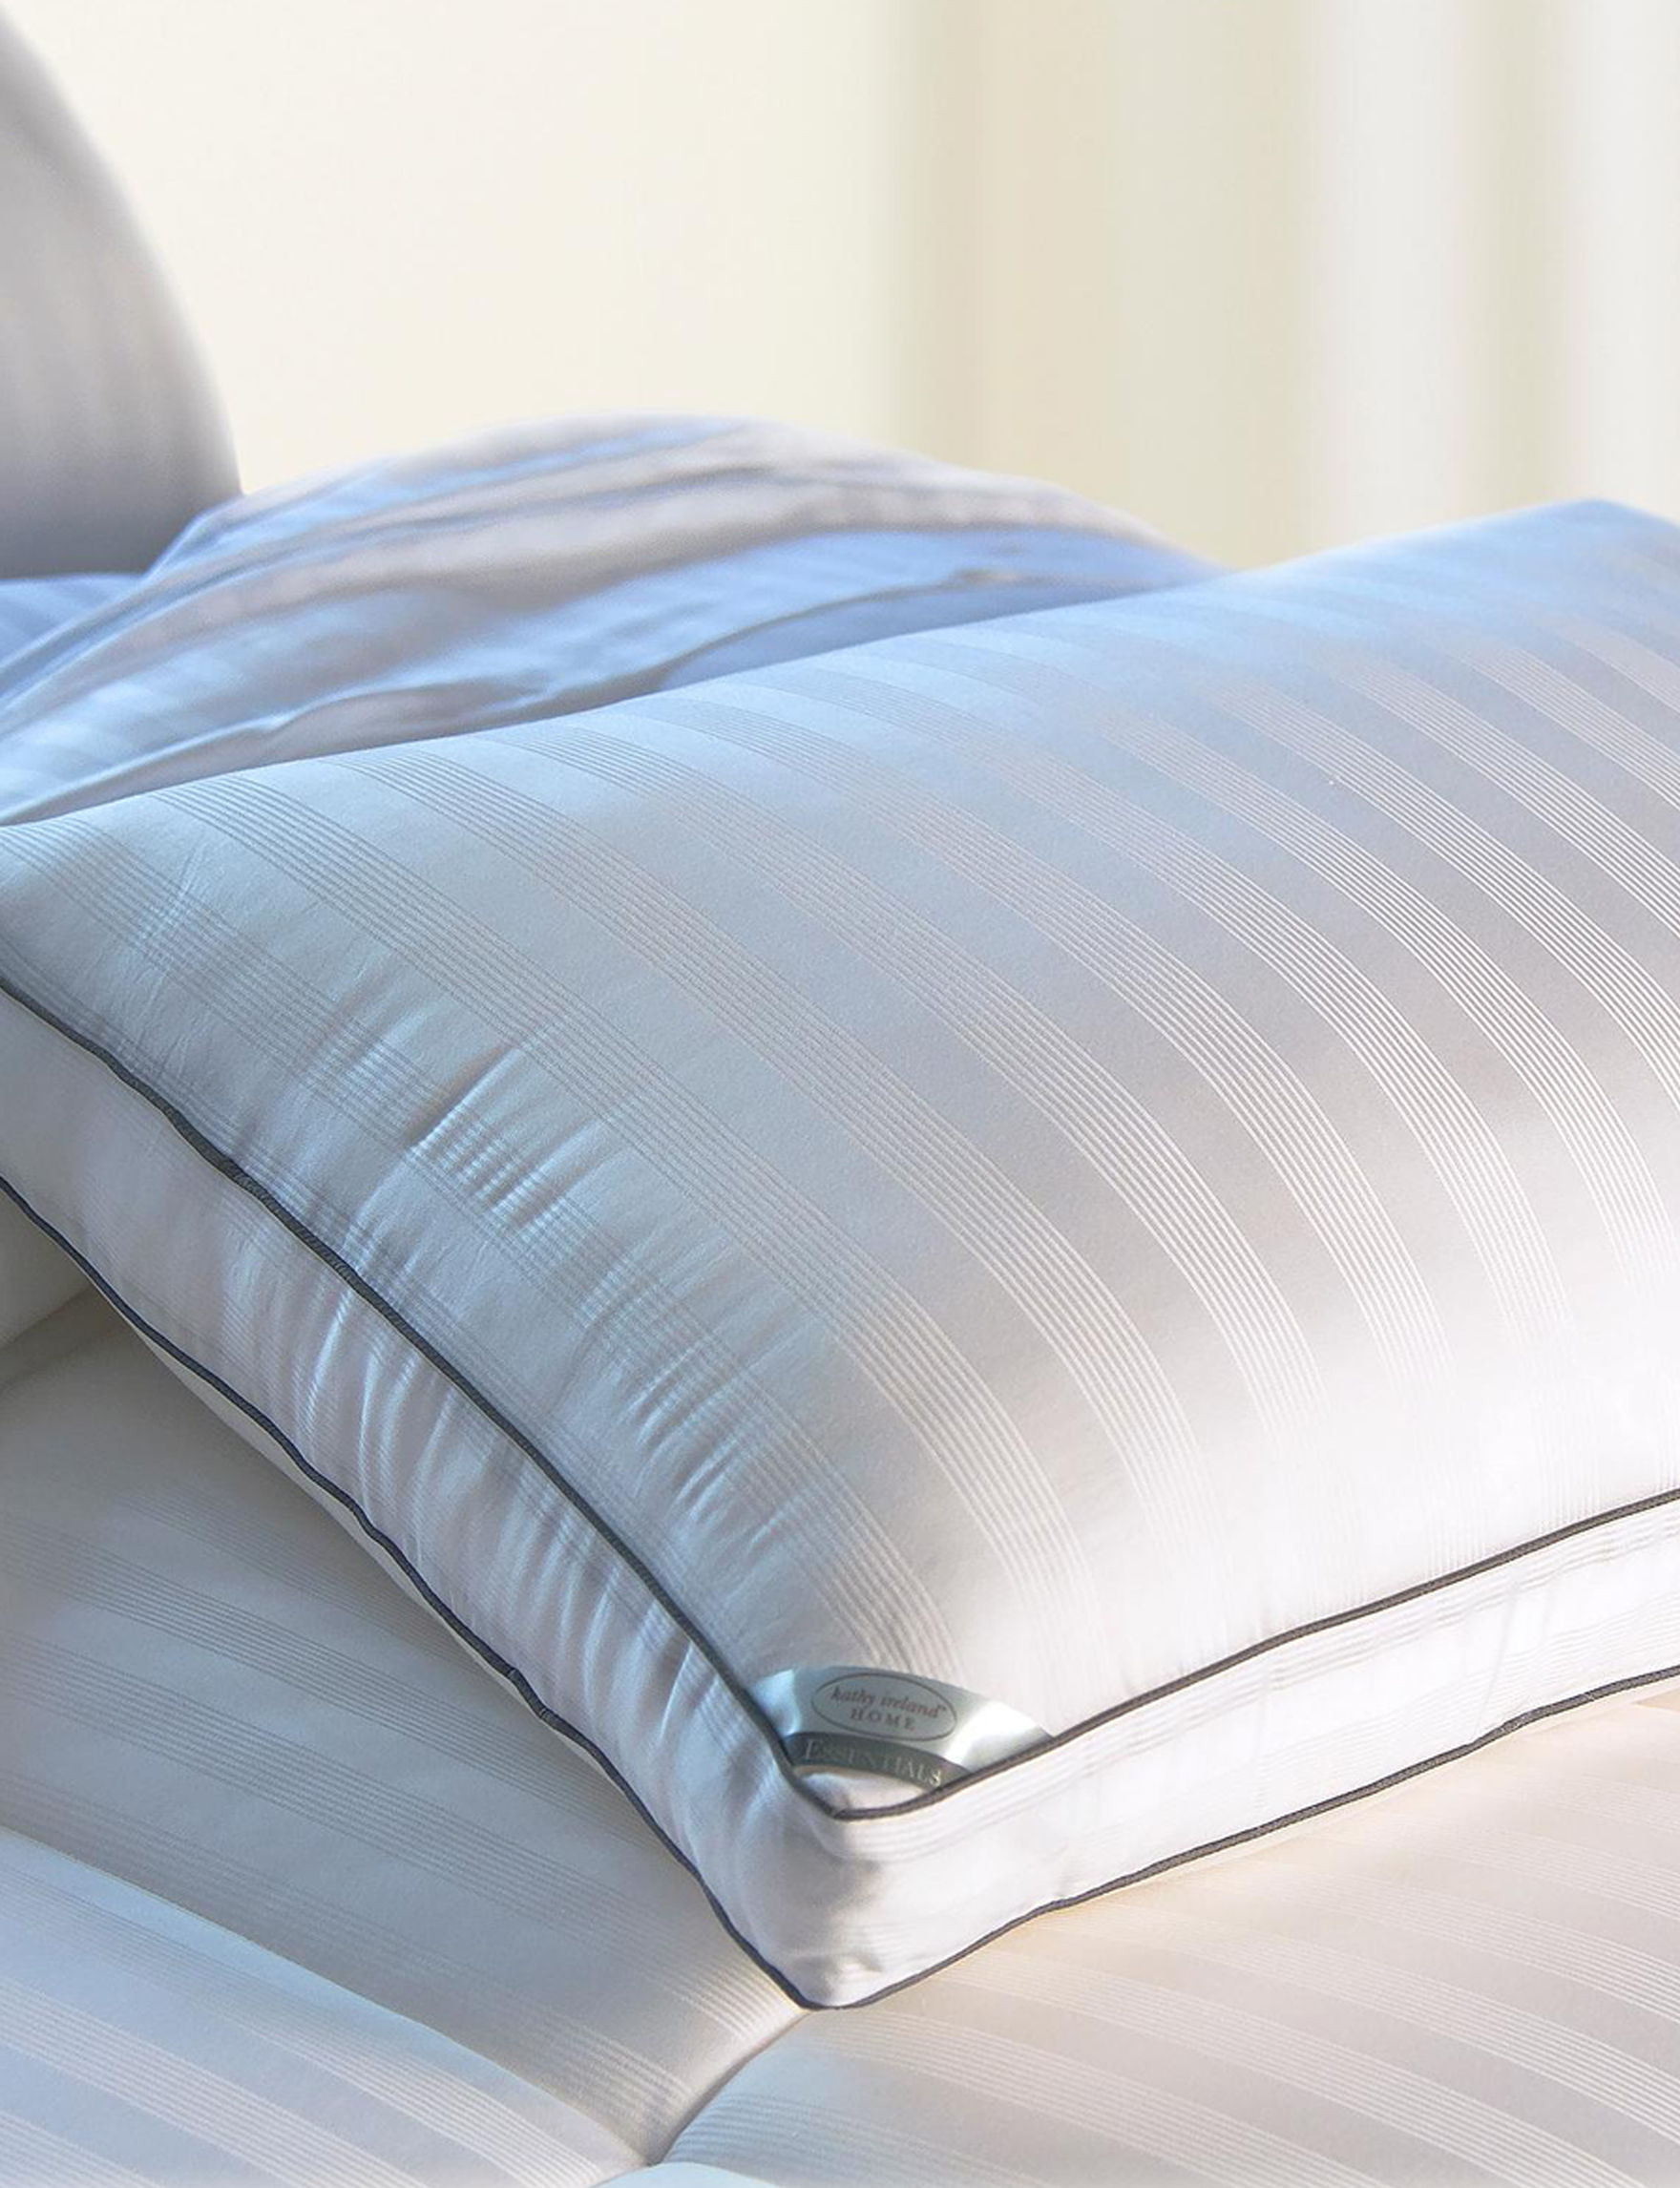 Kathy Ireland White Bed Pillows